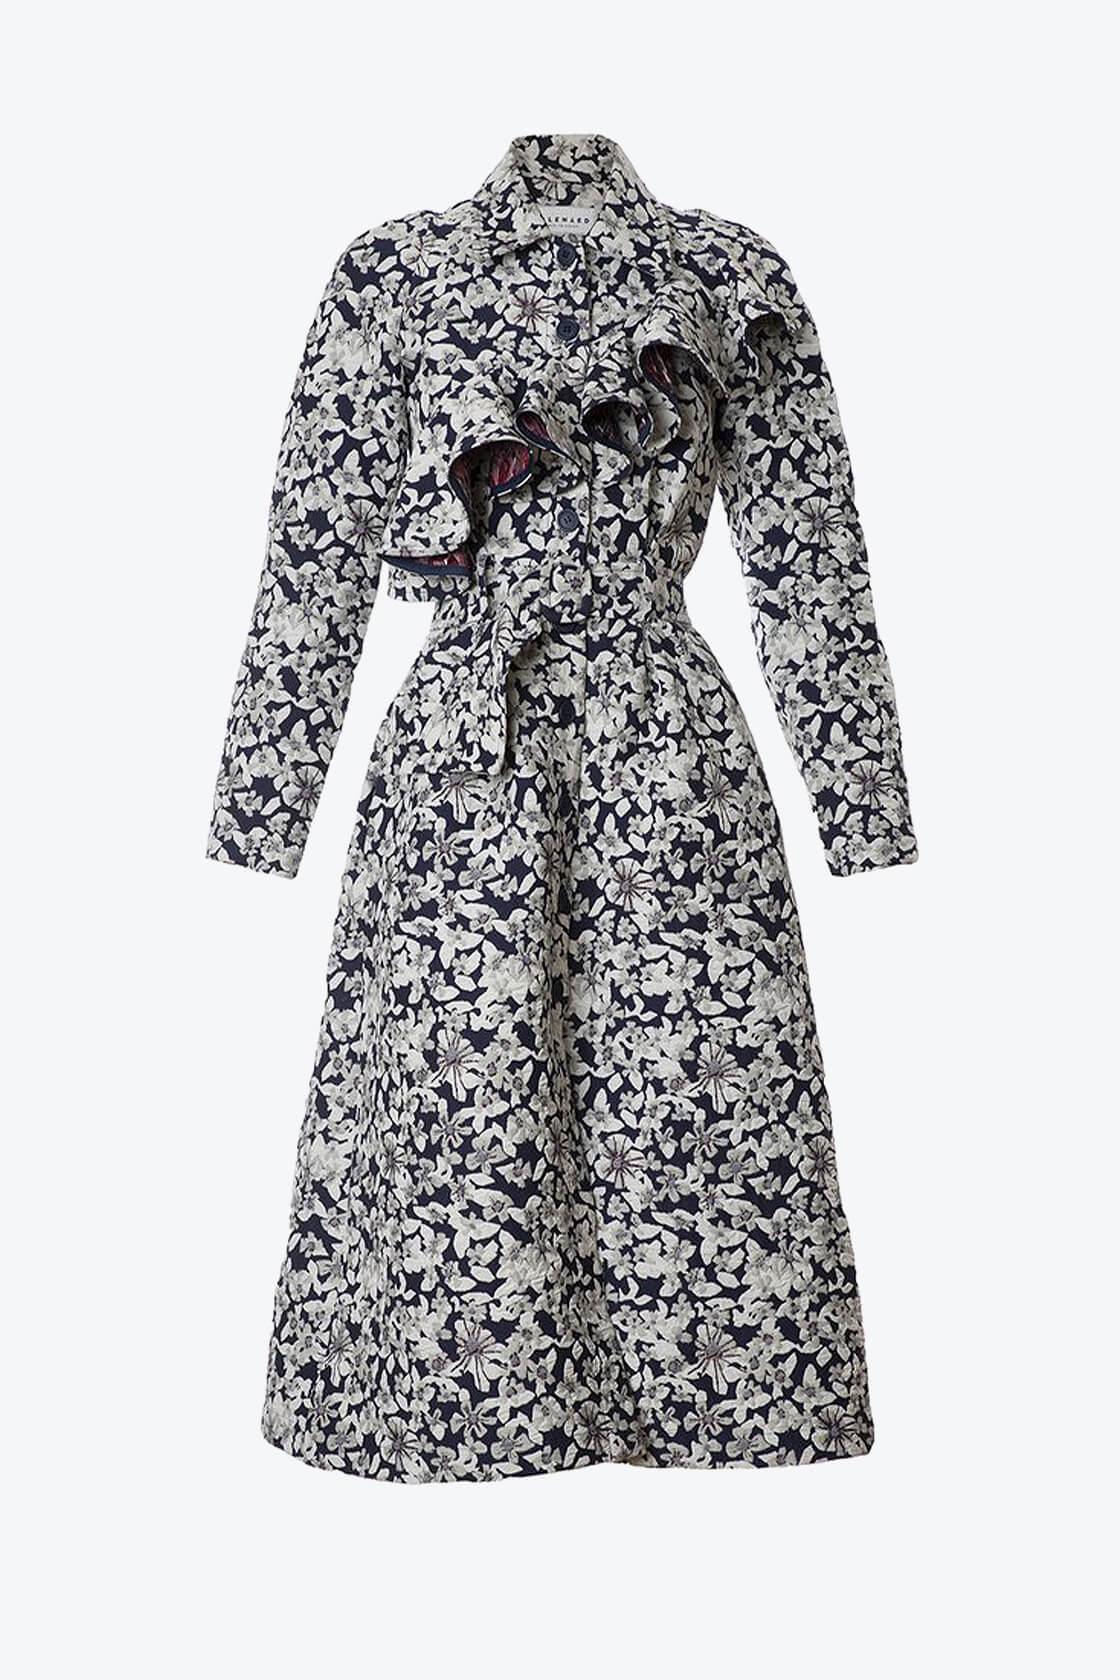 OL10000198 Jacquard ruffle coat1